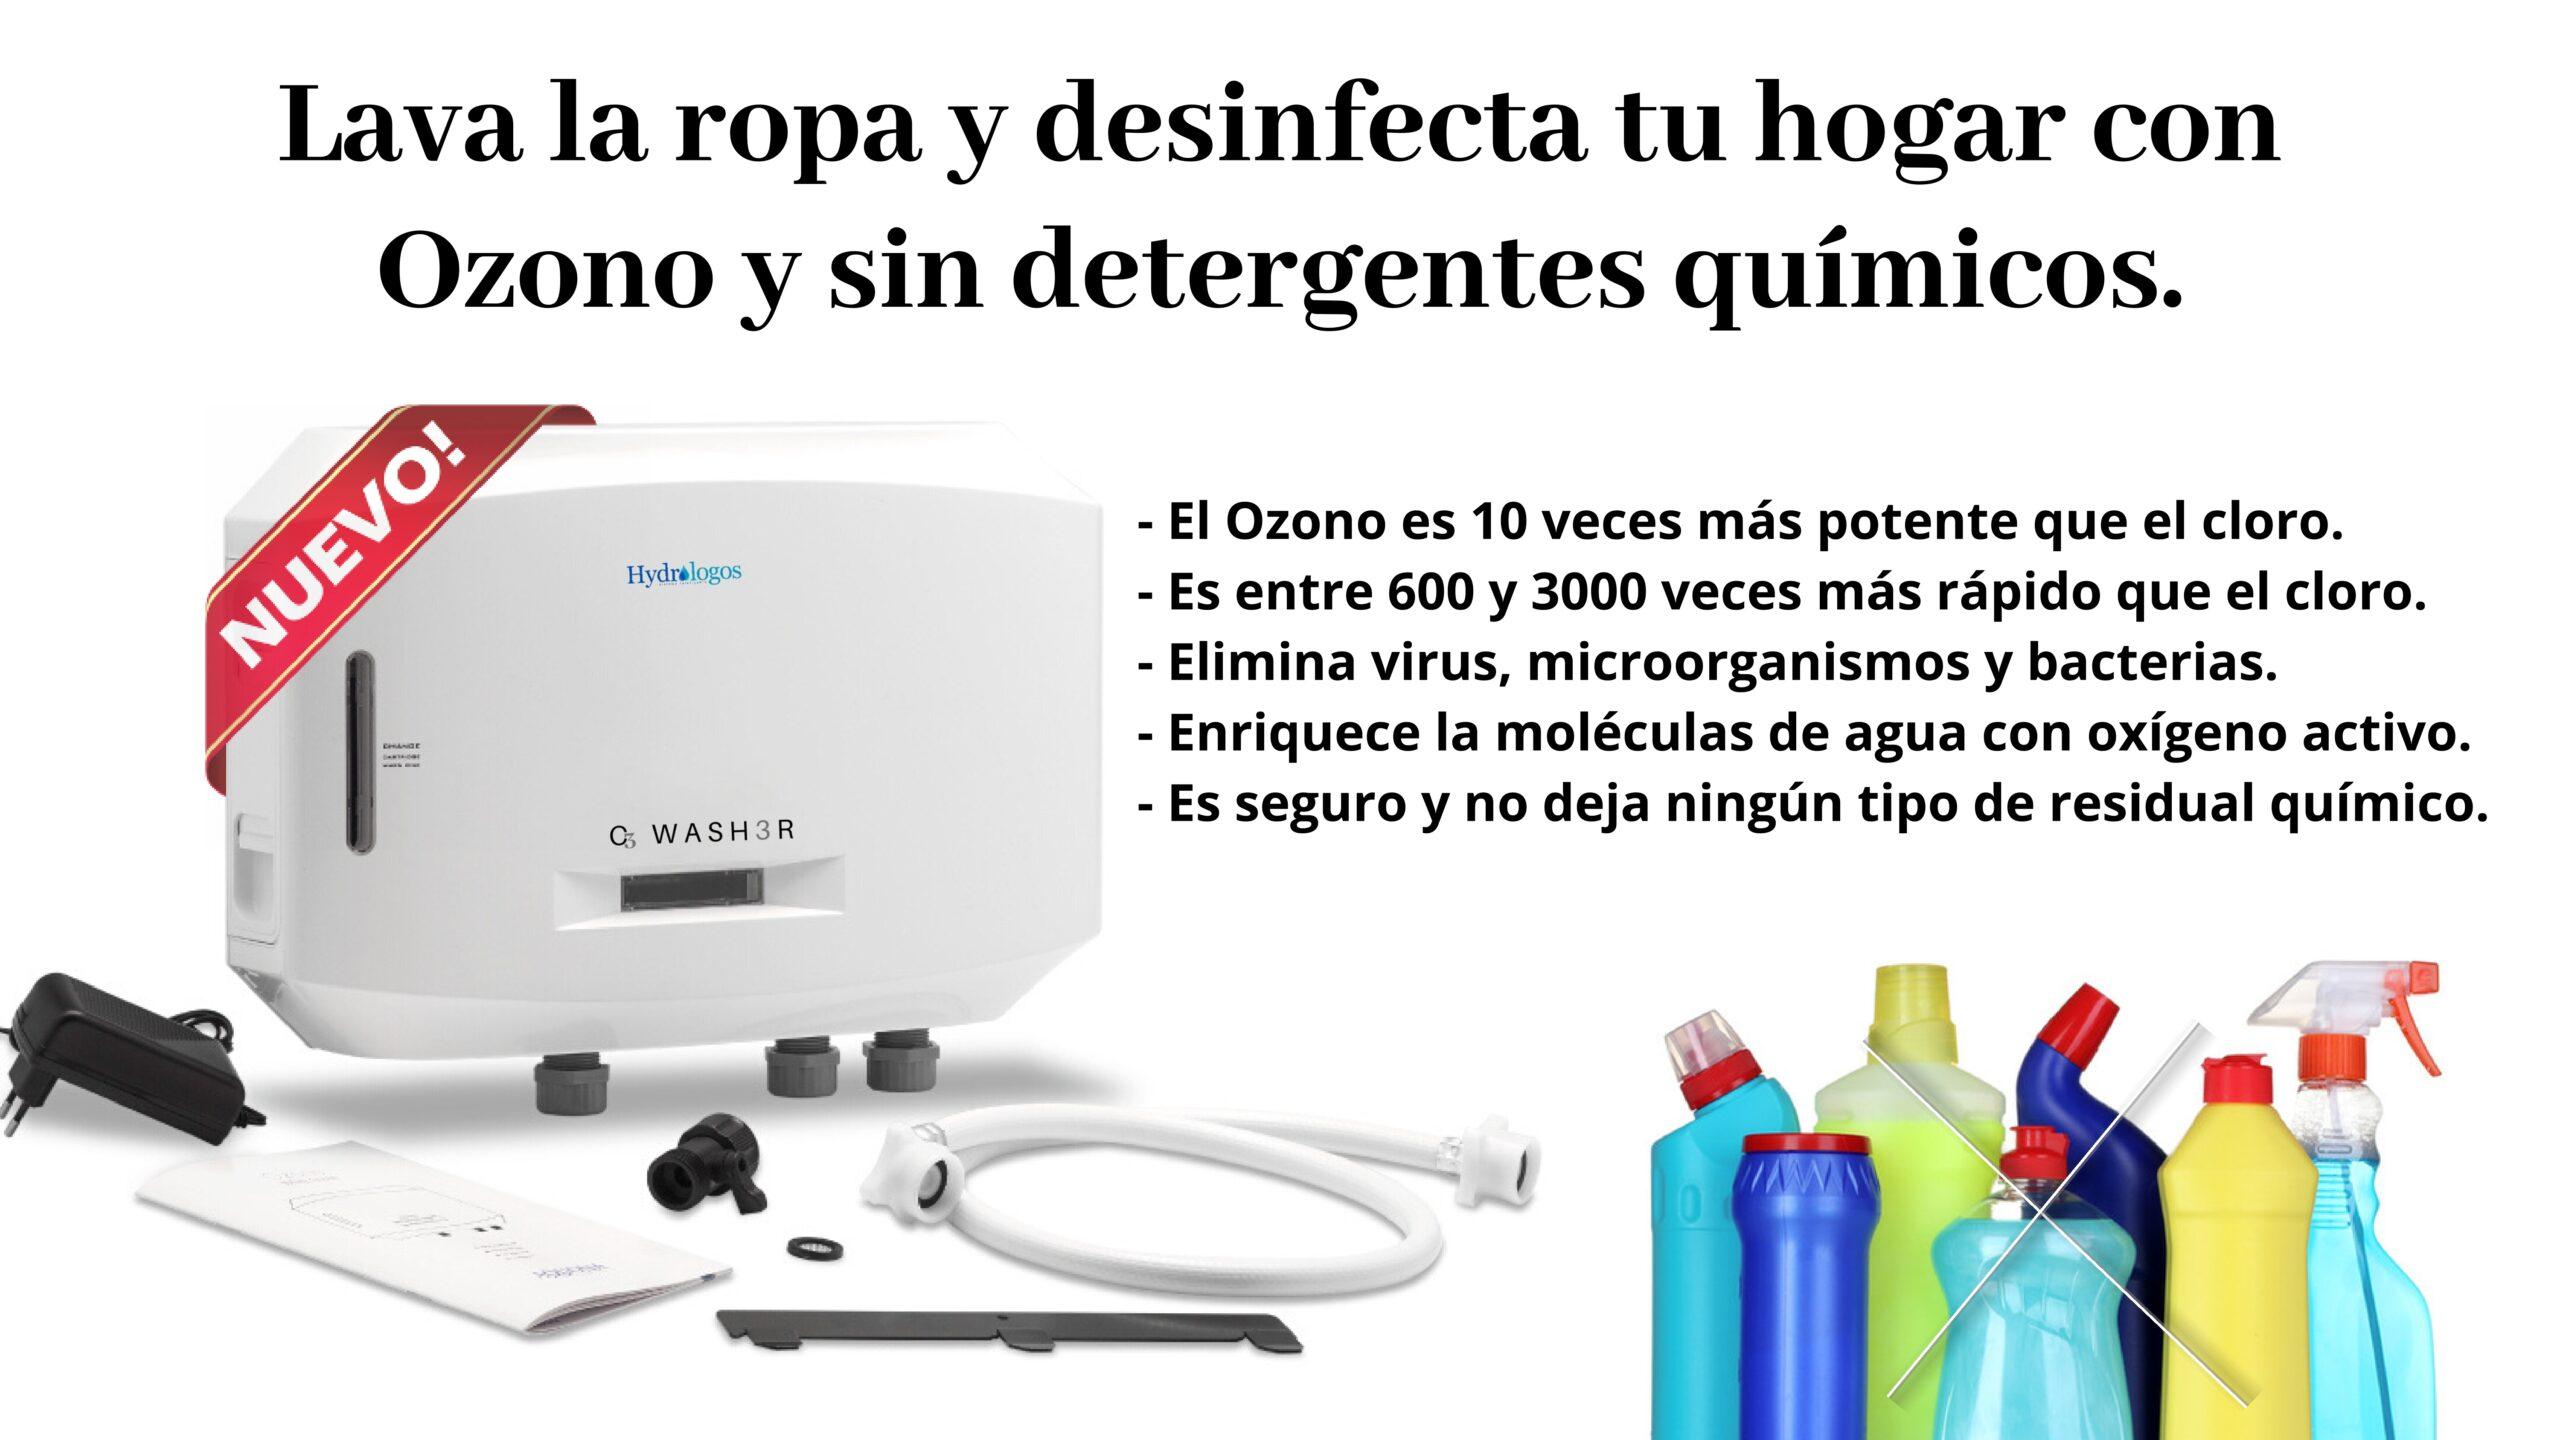 Ozono para lavadora Hydrologos Valencia